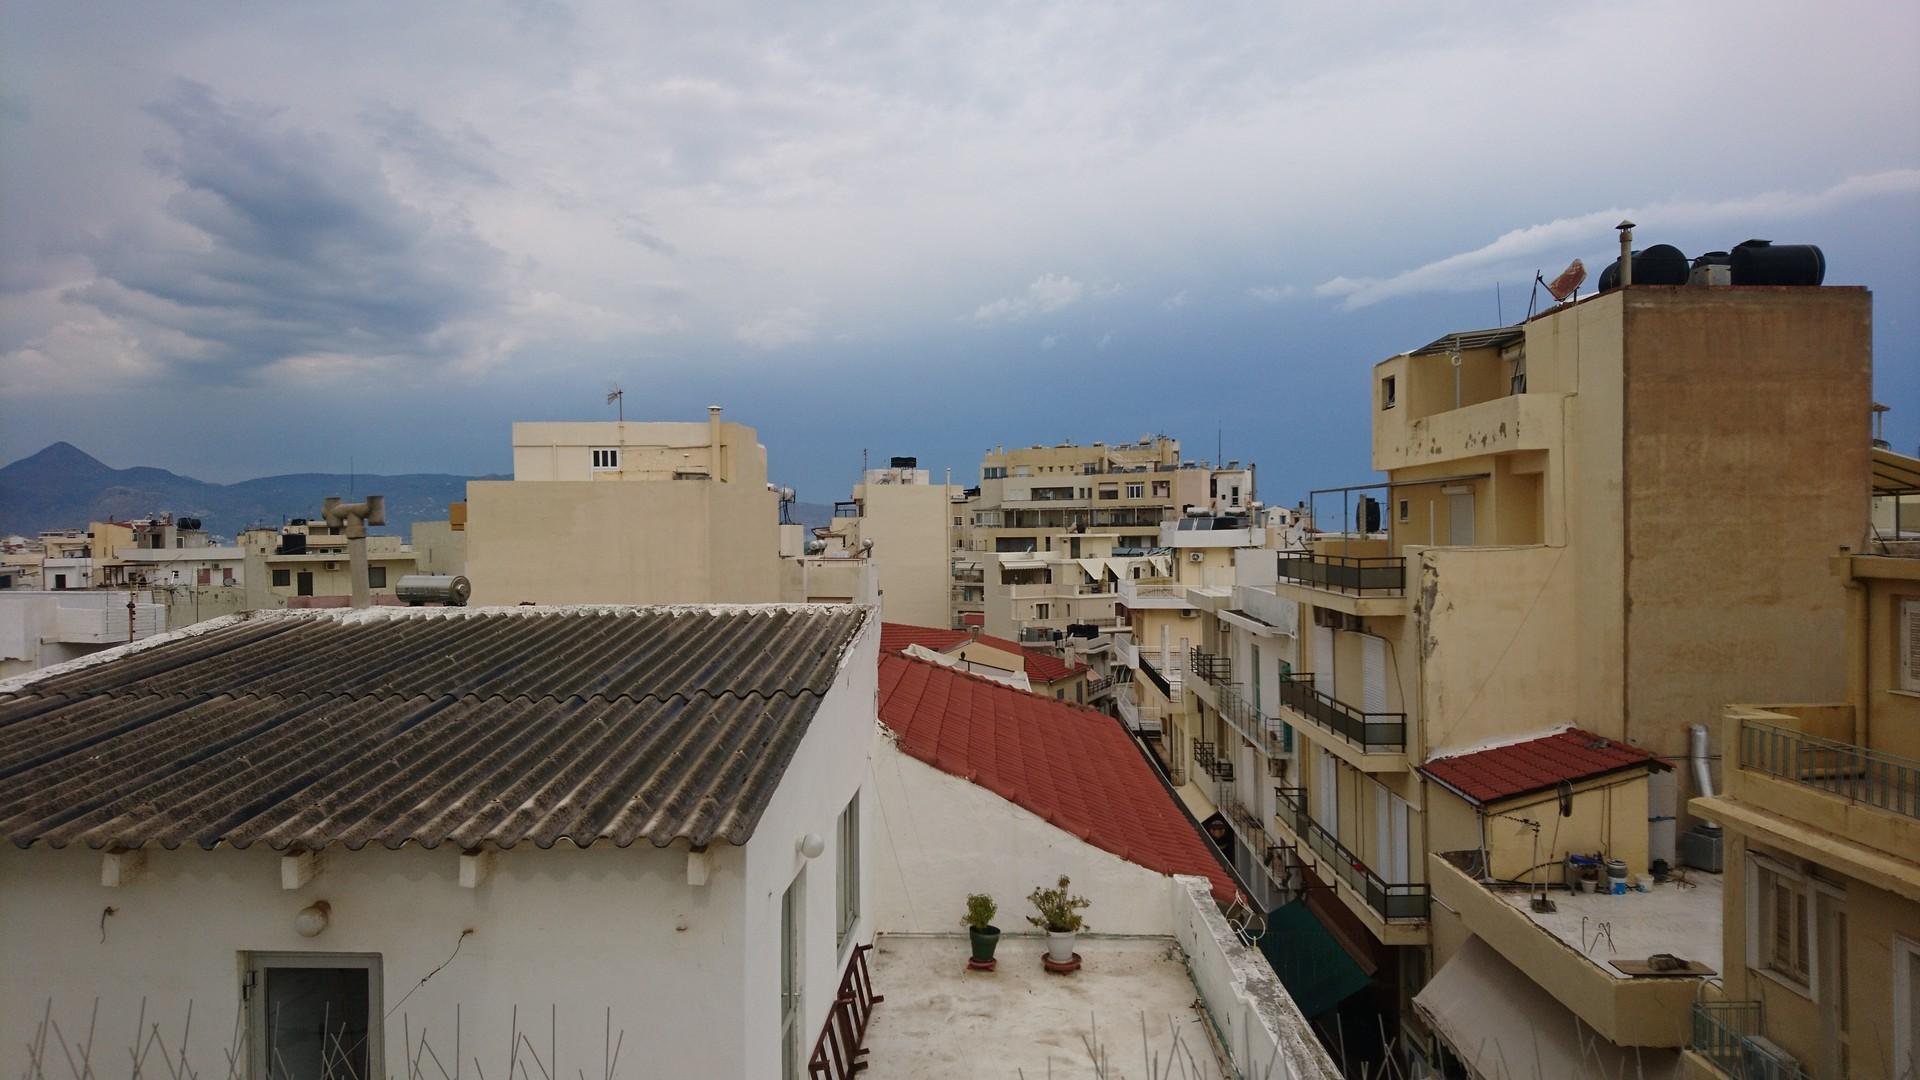 a-floor-44-sqm-apartment-big-overlooking-veranda-heart-heraklion-city-7224d97ac2598596b5caf840fd2777fb